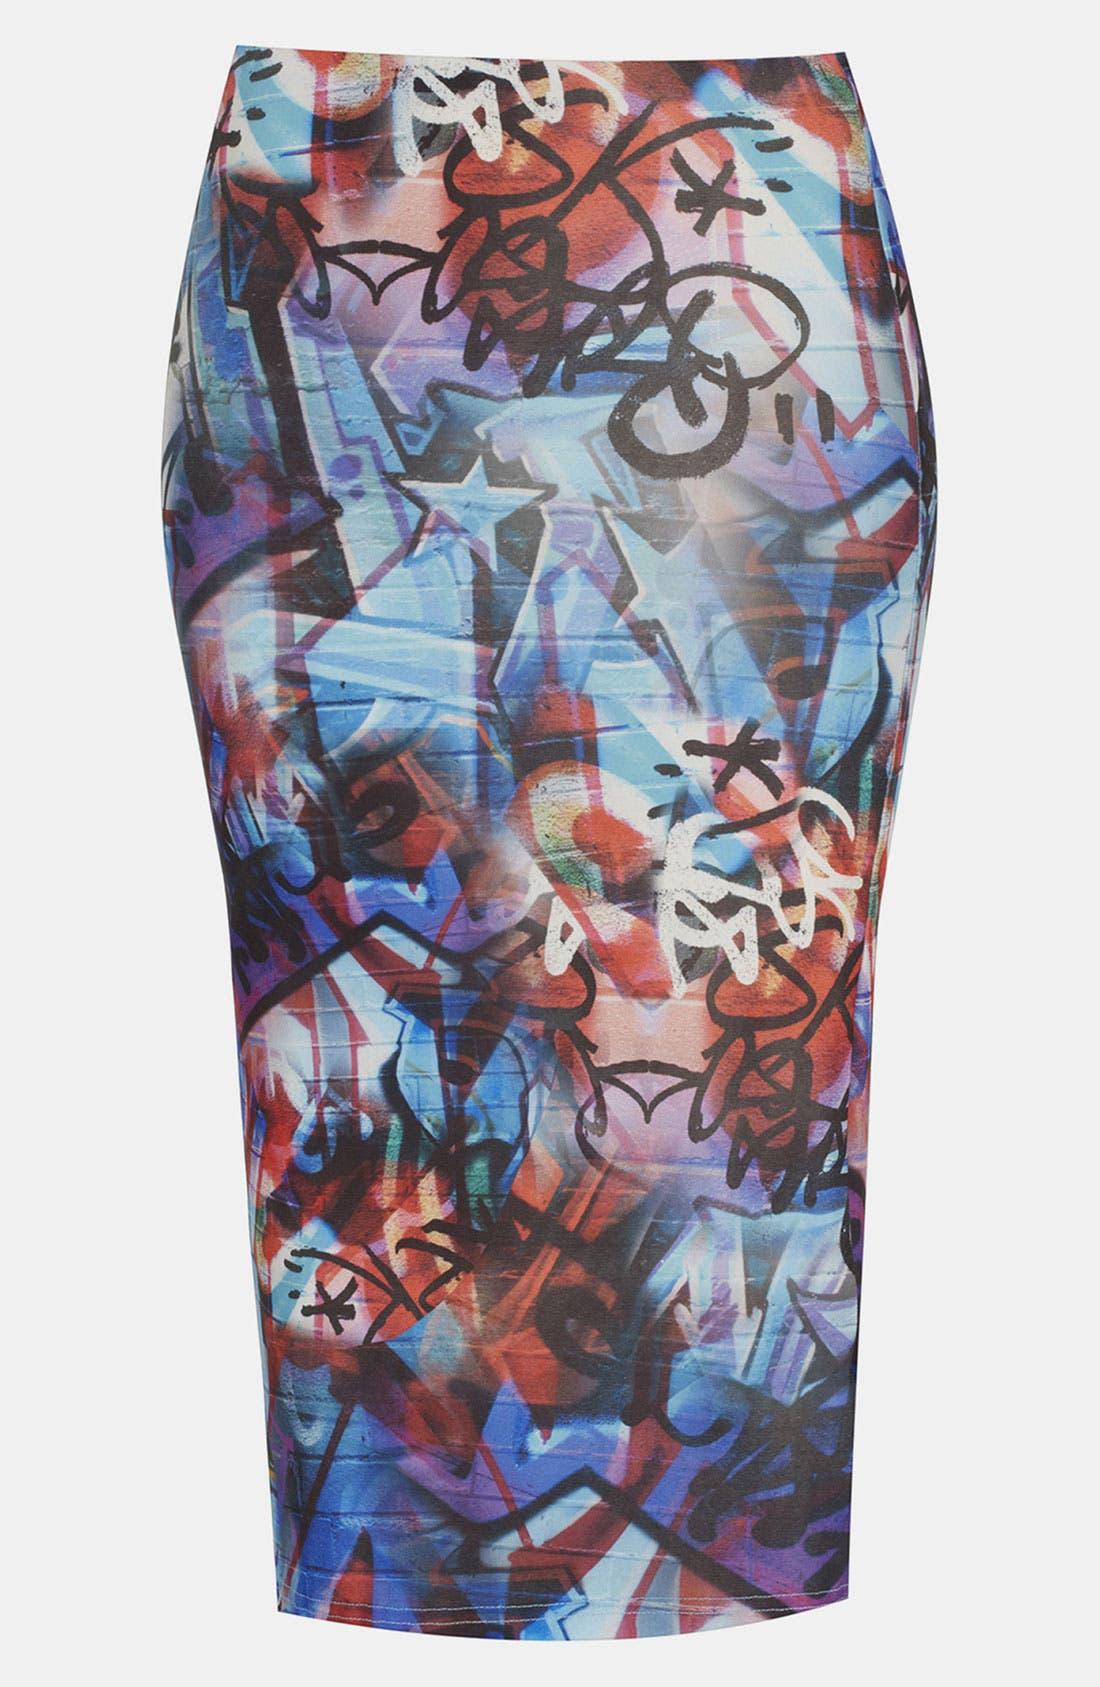 Alternate Image 1 Selected - Topshop 'Graffiti' Print Midi Skirt